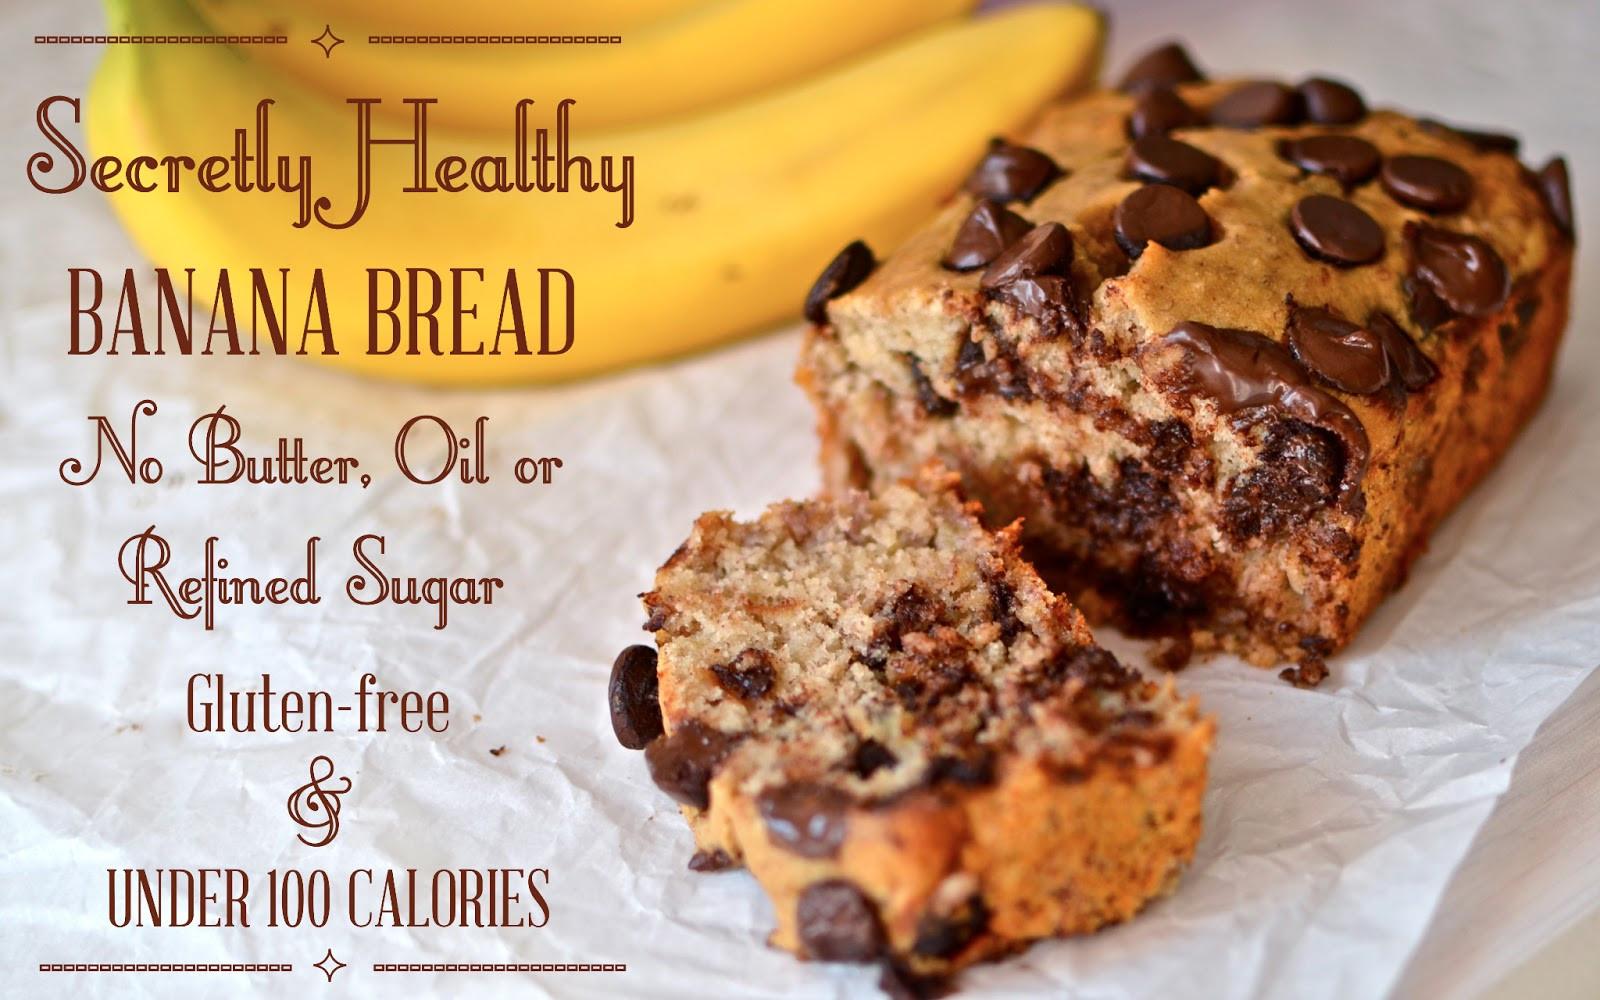 Banana Recipes Healthy  Yammie s Glutenfreedom Secretly Healthy Banana Bread